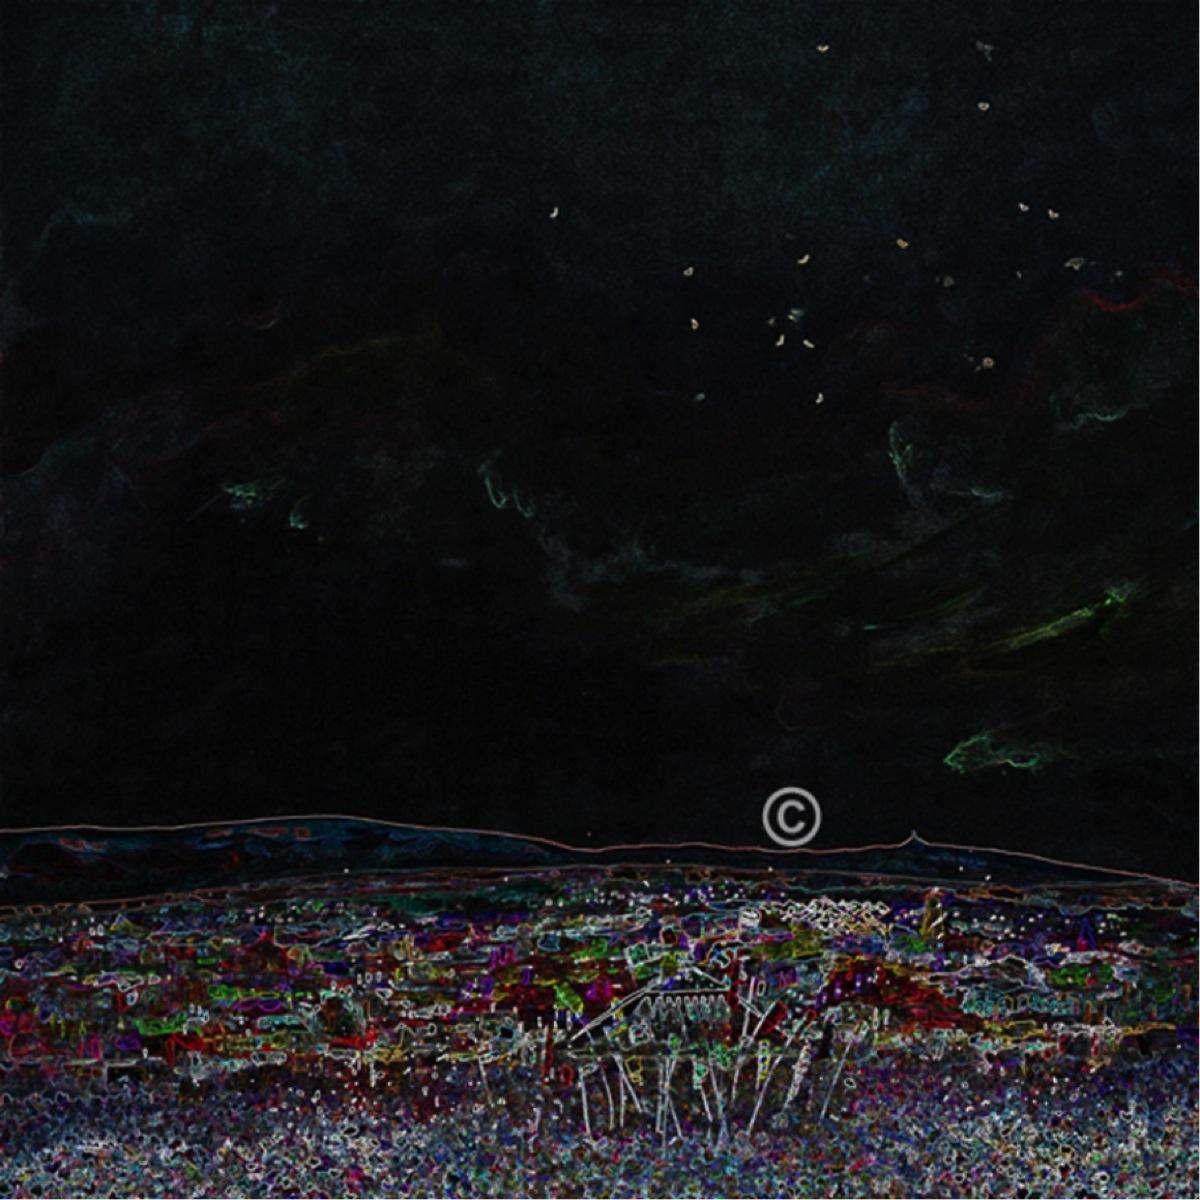 LP026 - Afterglow